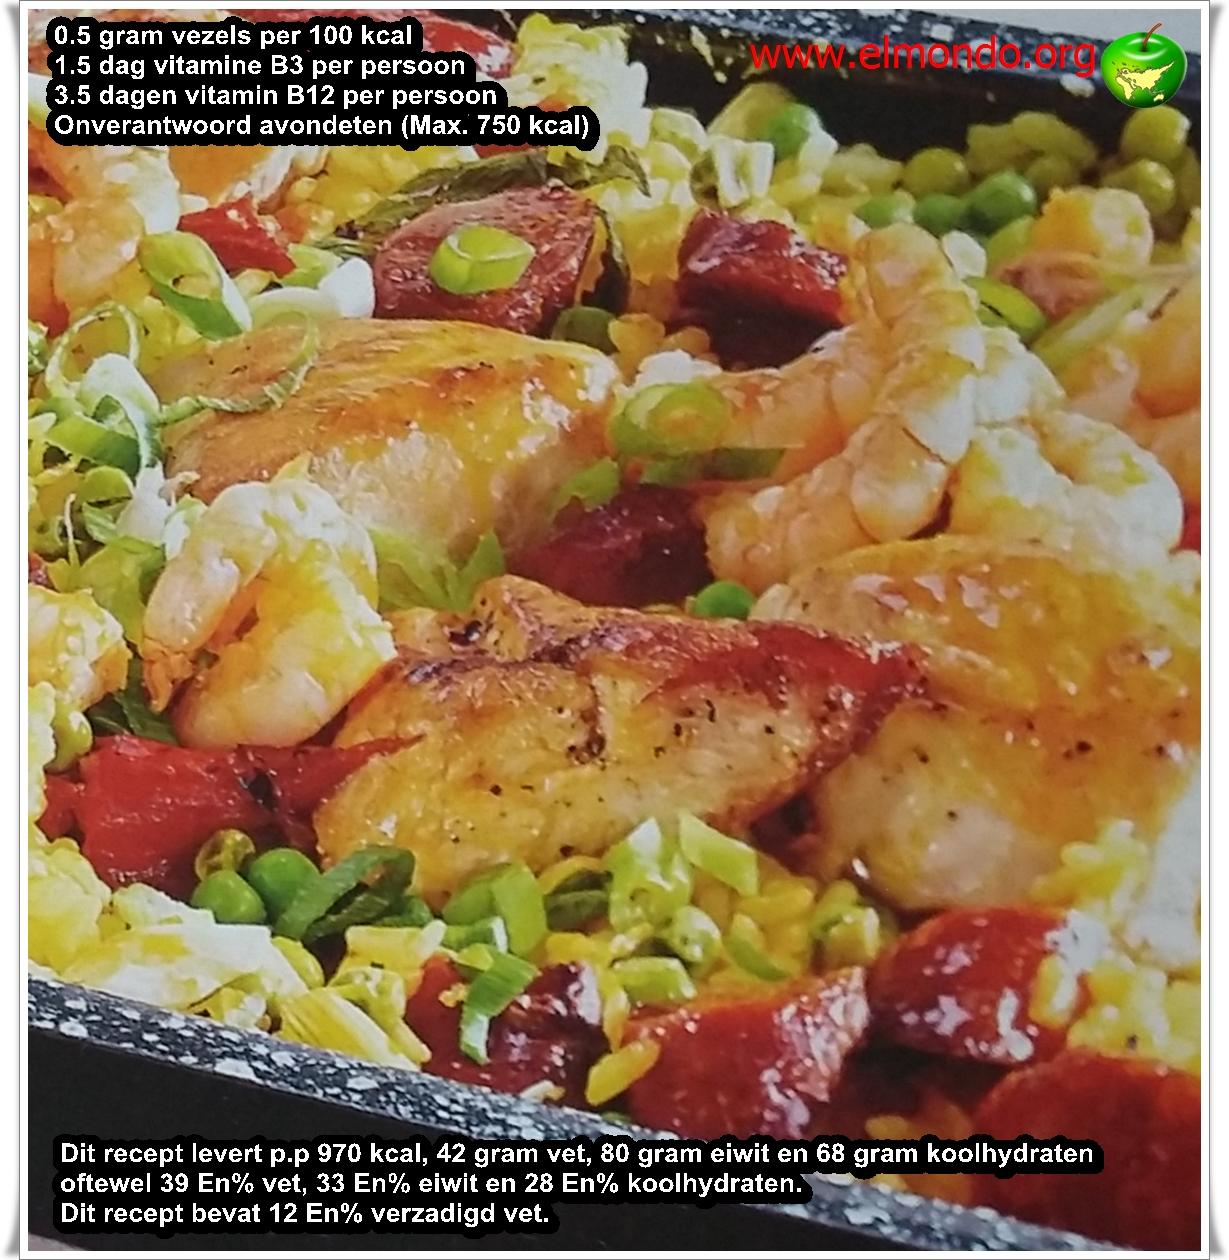 Spaanse kippenpaella uit de oven voor 4 personen